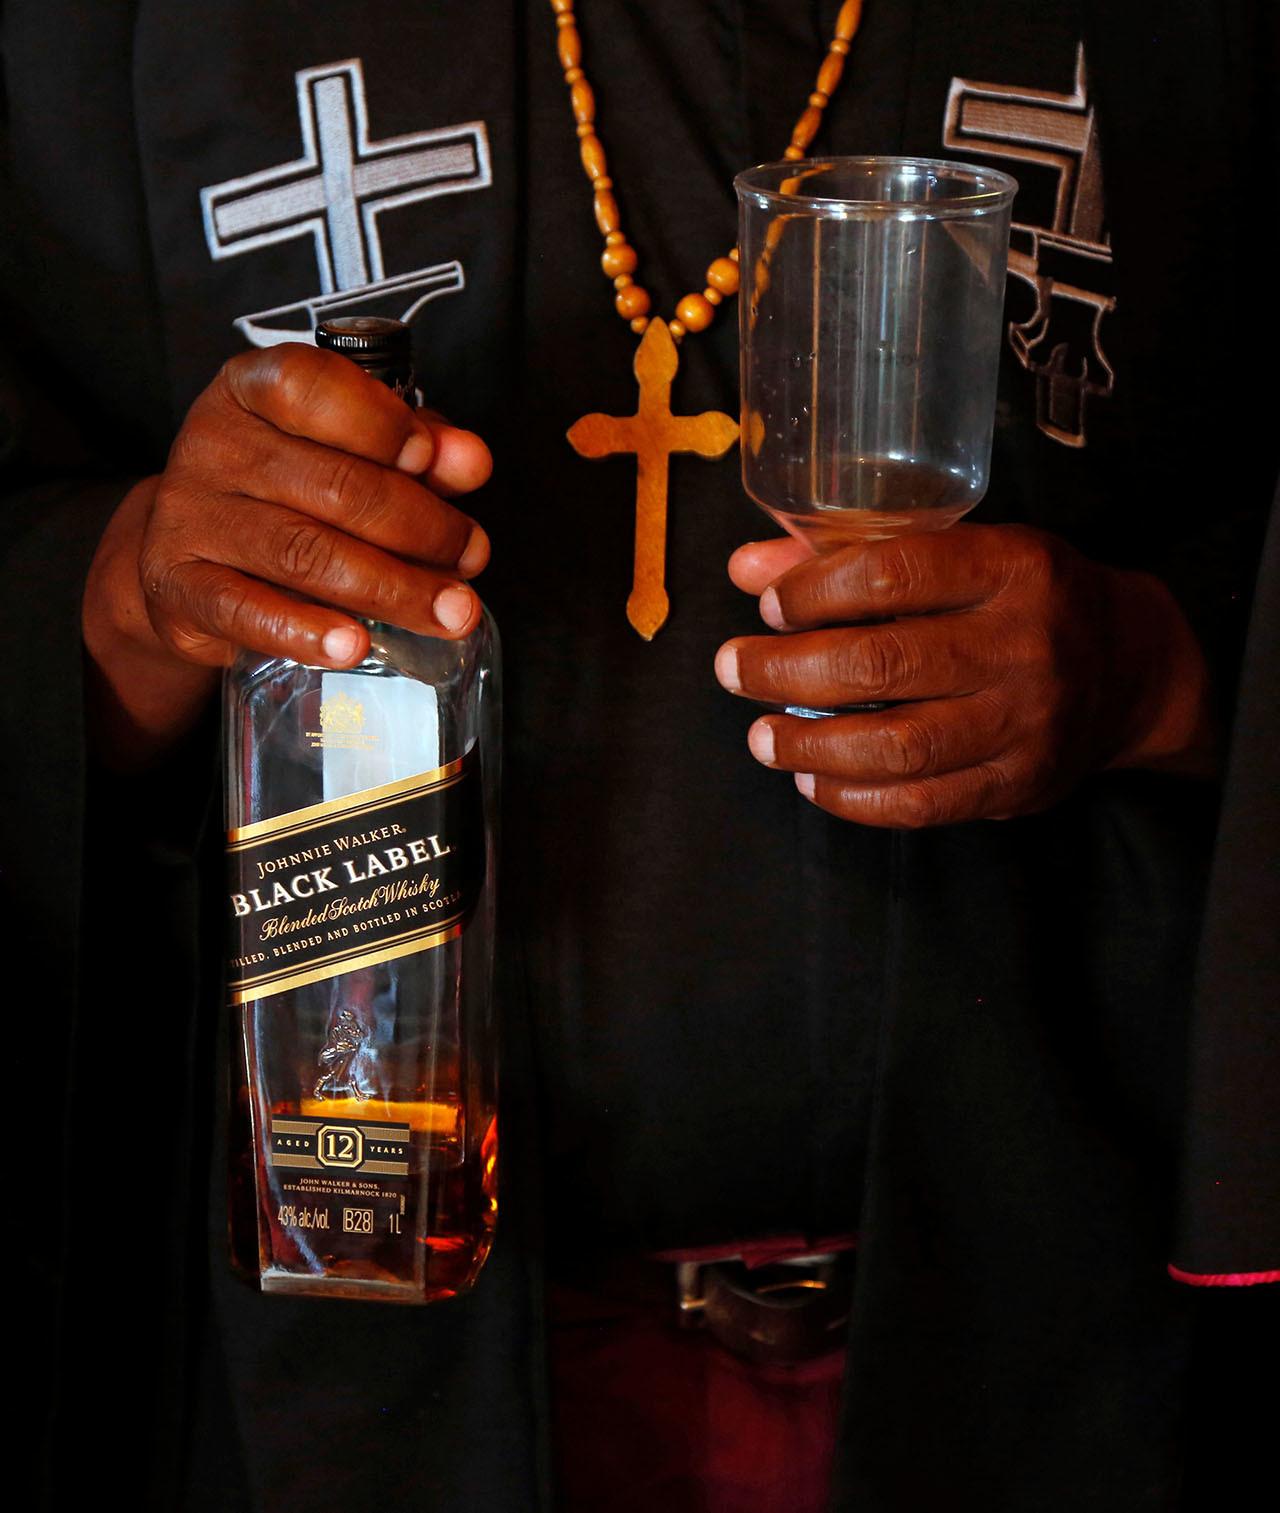 Increible. descubre la iglesia de borrachos africana que conmemora misas y bautizos tomando cerveza